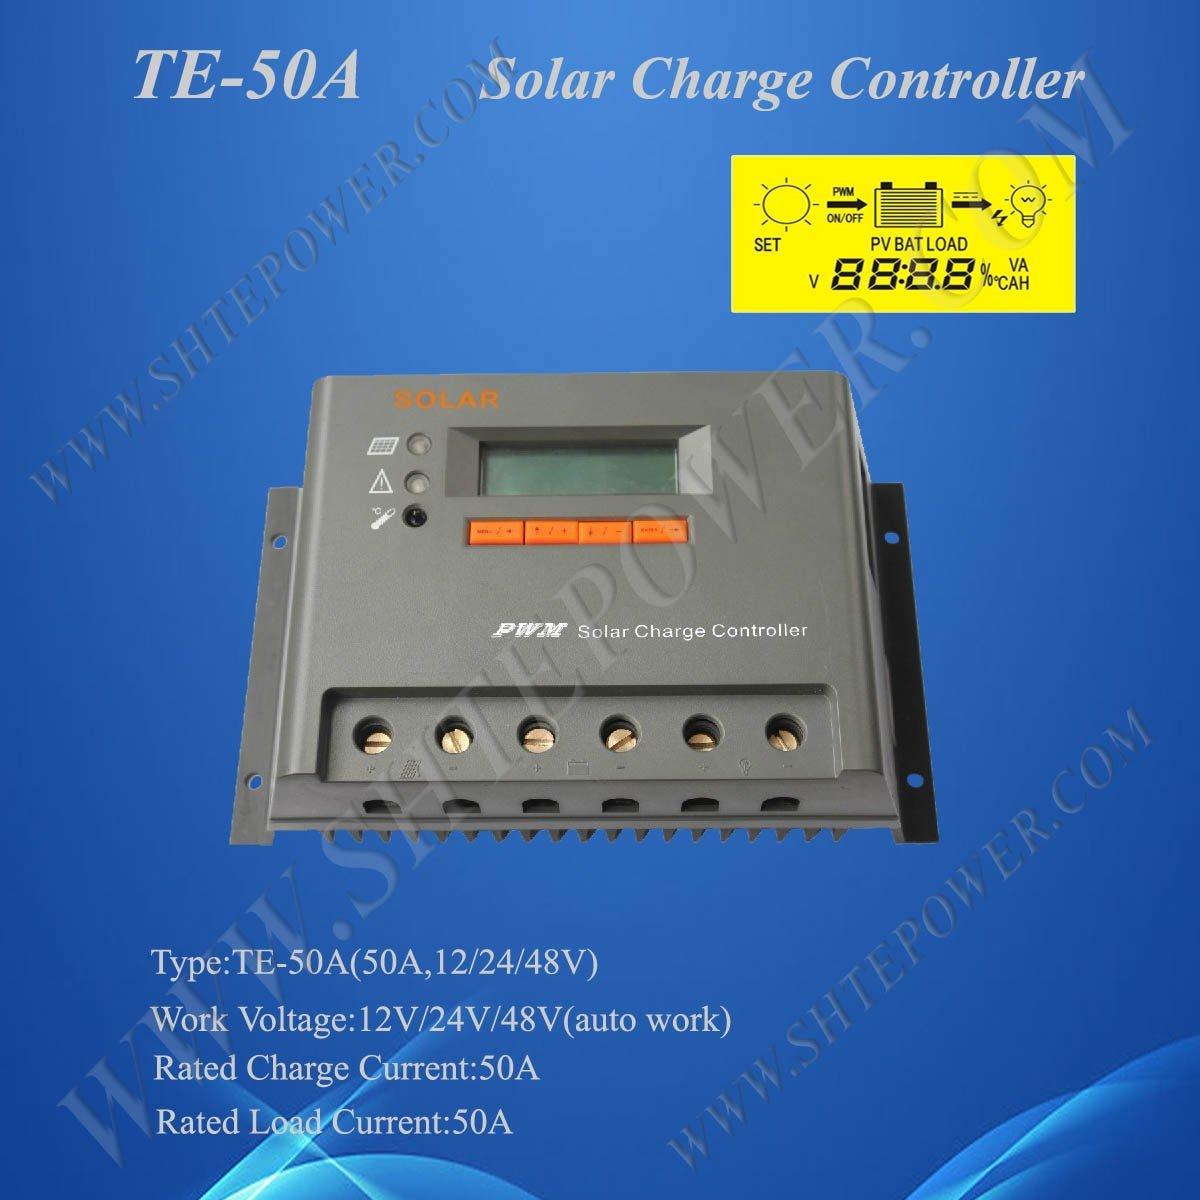 На солнечных батареях с конролем заряда, 50A 12 V/24 V/48 V автоматическая работа, 2 года гарантии, CE& по ограничению на использование опасных материалов в производстве электрического и электронного оборудования, утвержденный